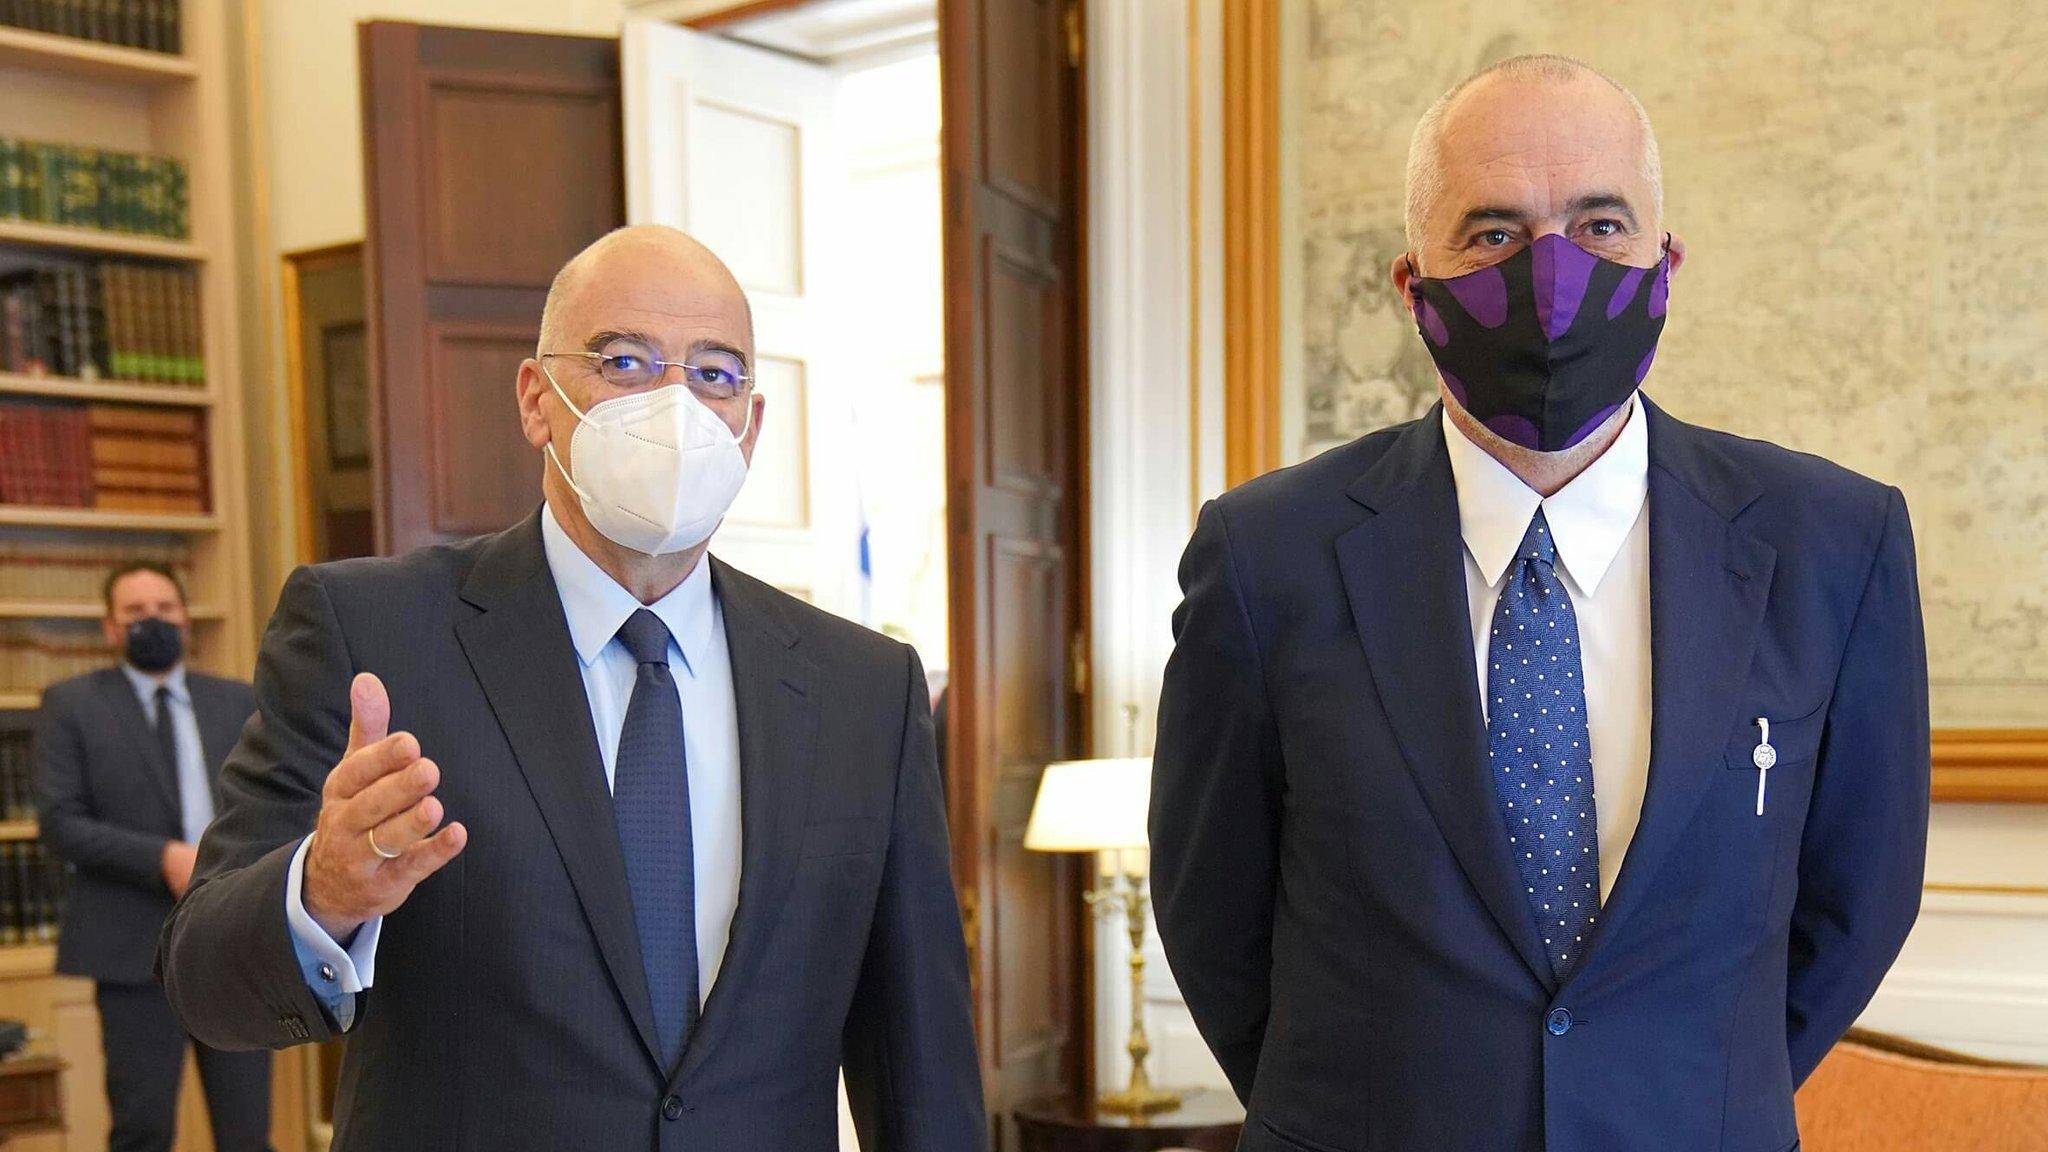 Ministri grek nxjerr foto nga takimi me Ramën: Çfarë u diskutua